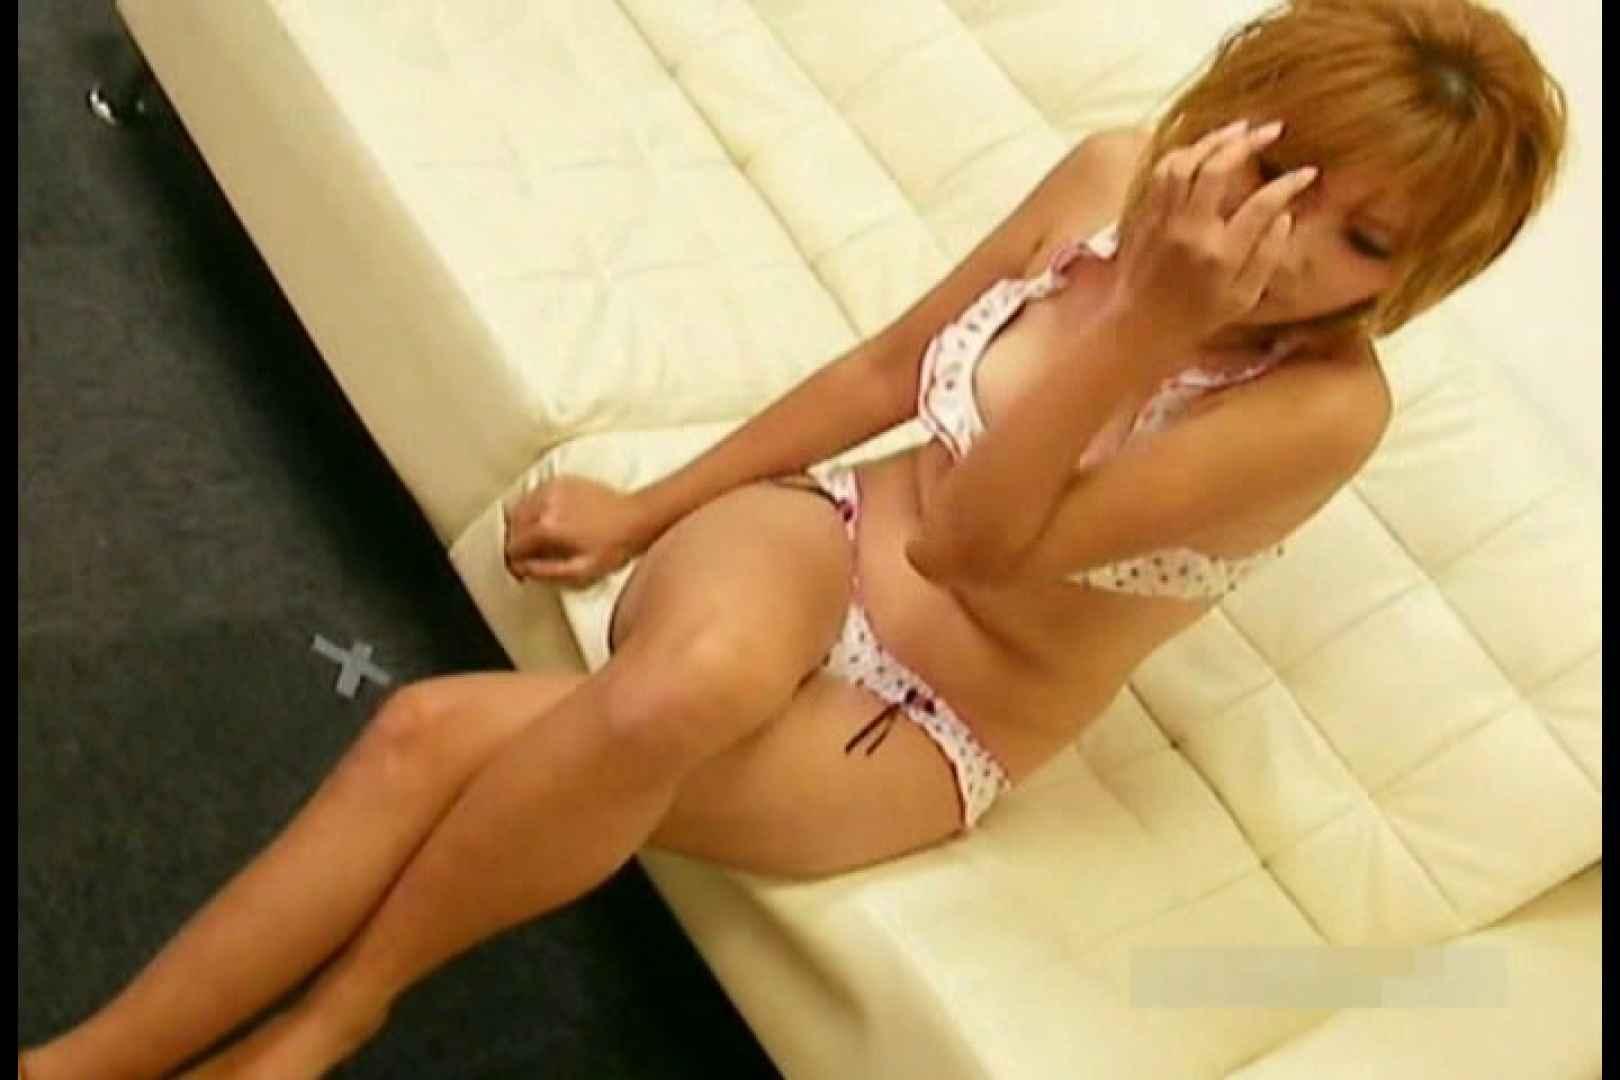 素人撮影 下着だけの撮影のはずが・・・りな18歳 おっぱい大好き おまんこ動画流出 100pic 56